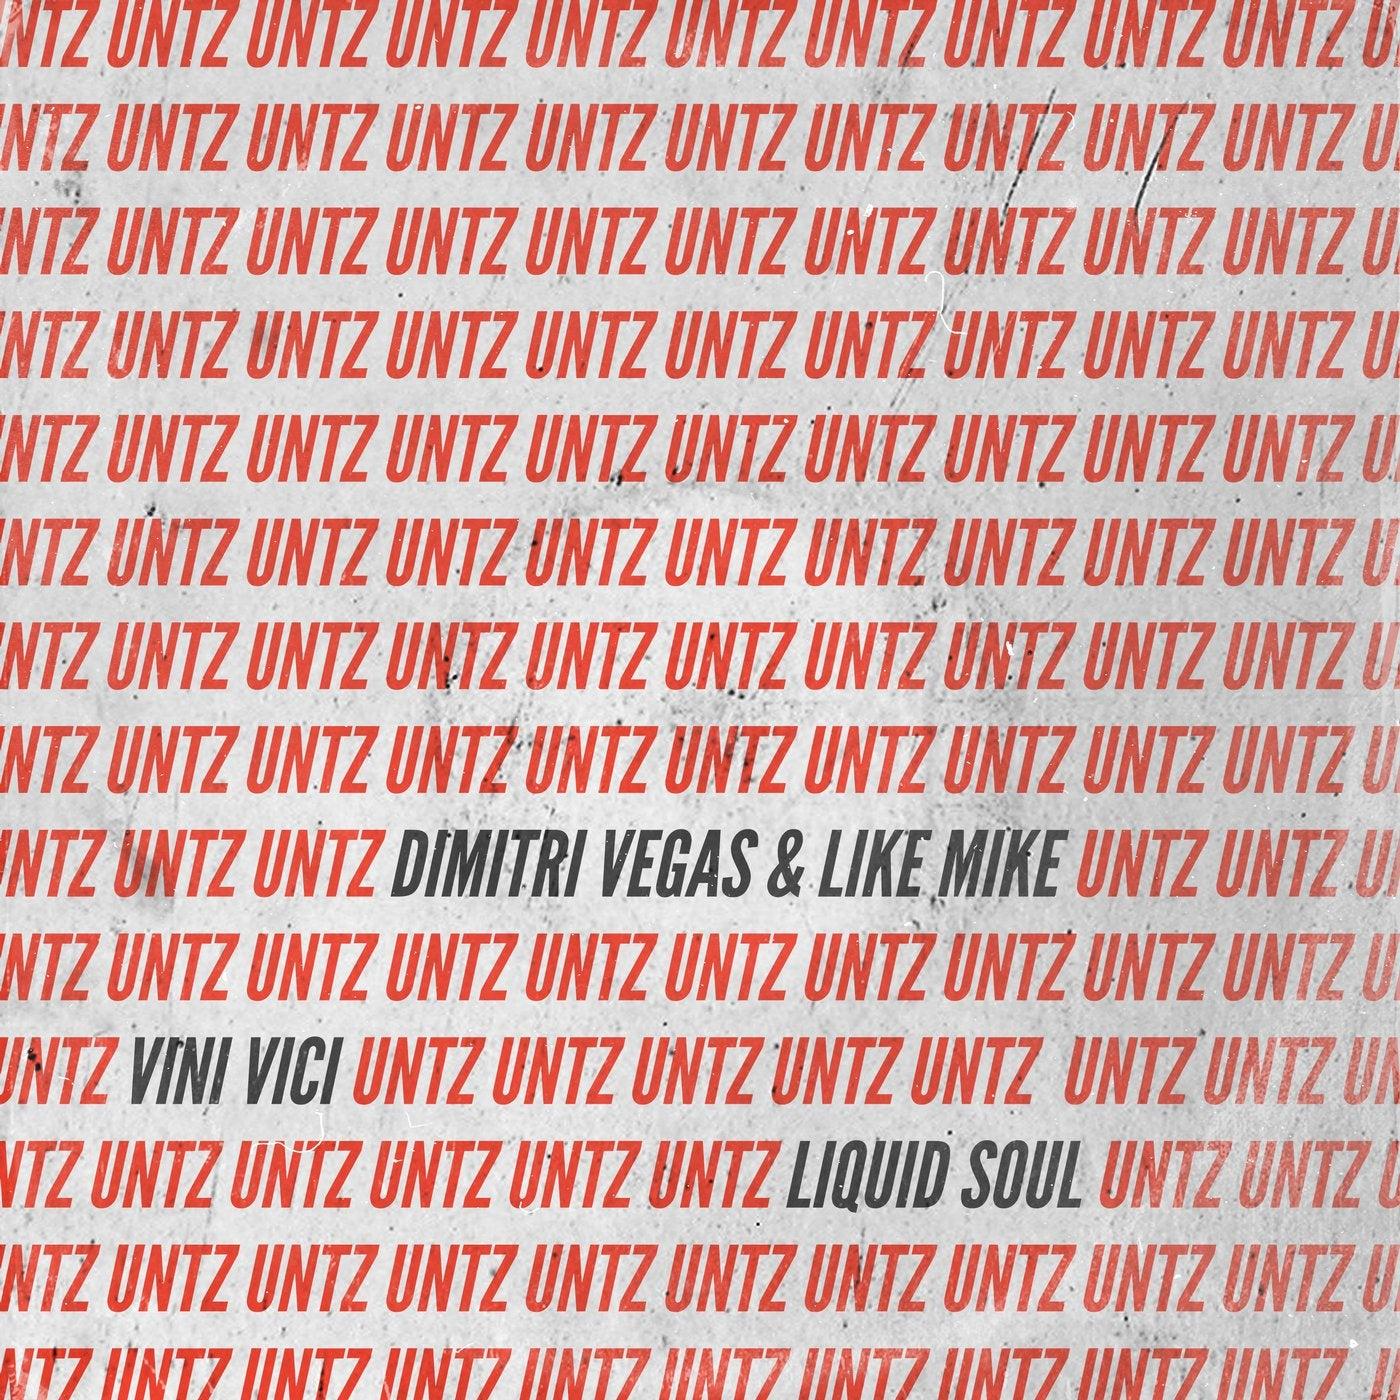 Untz Untz (Extended Mix)